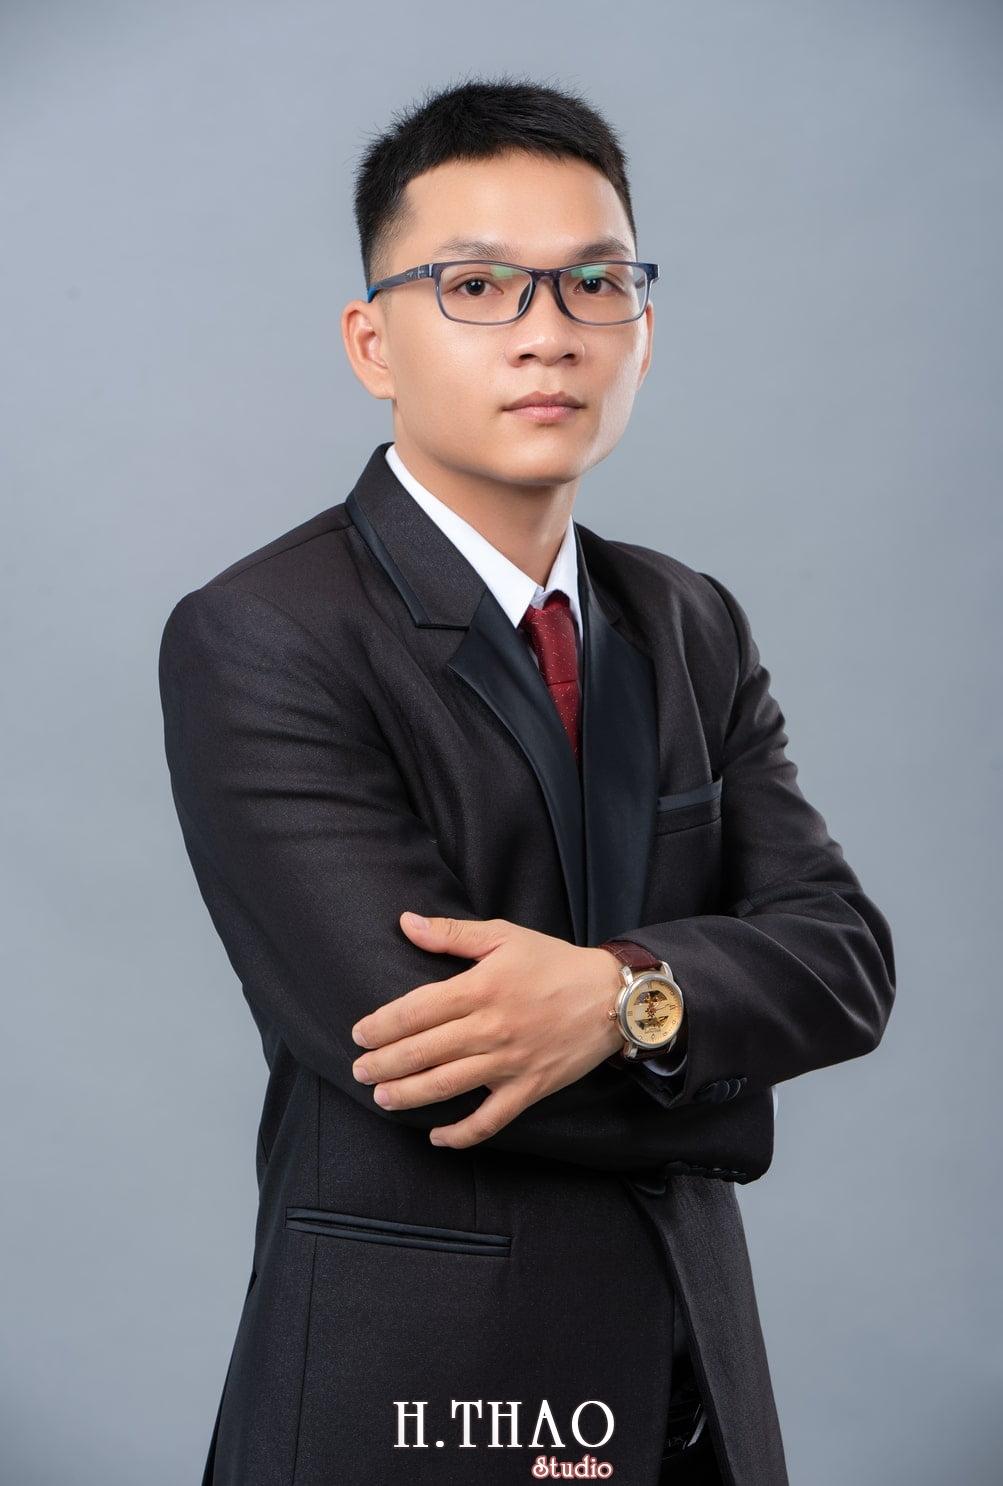 Profile wefinex 2 - Báo giá chụp ảnh cá nhân